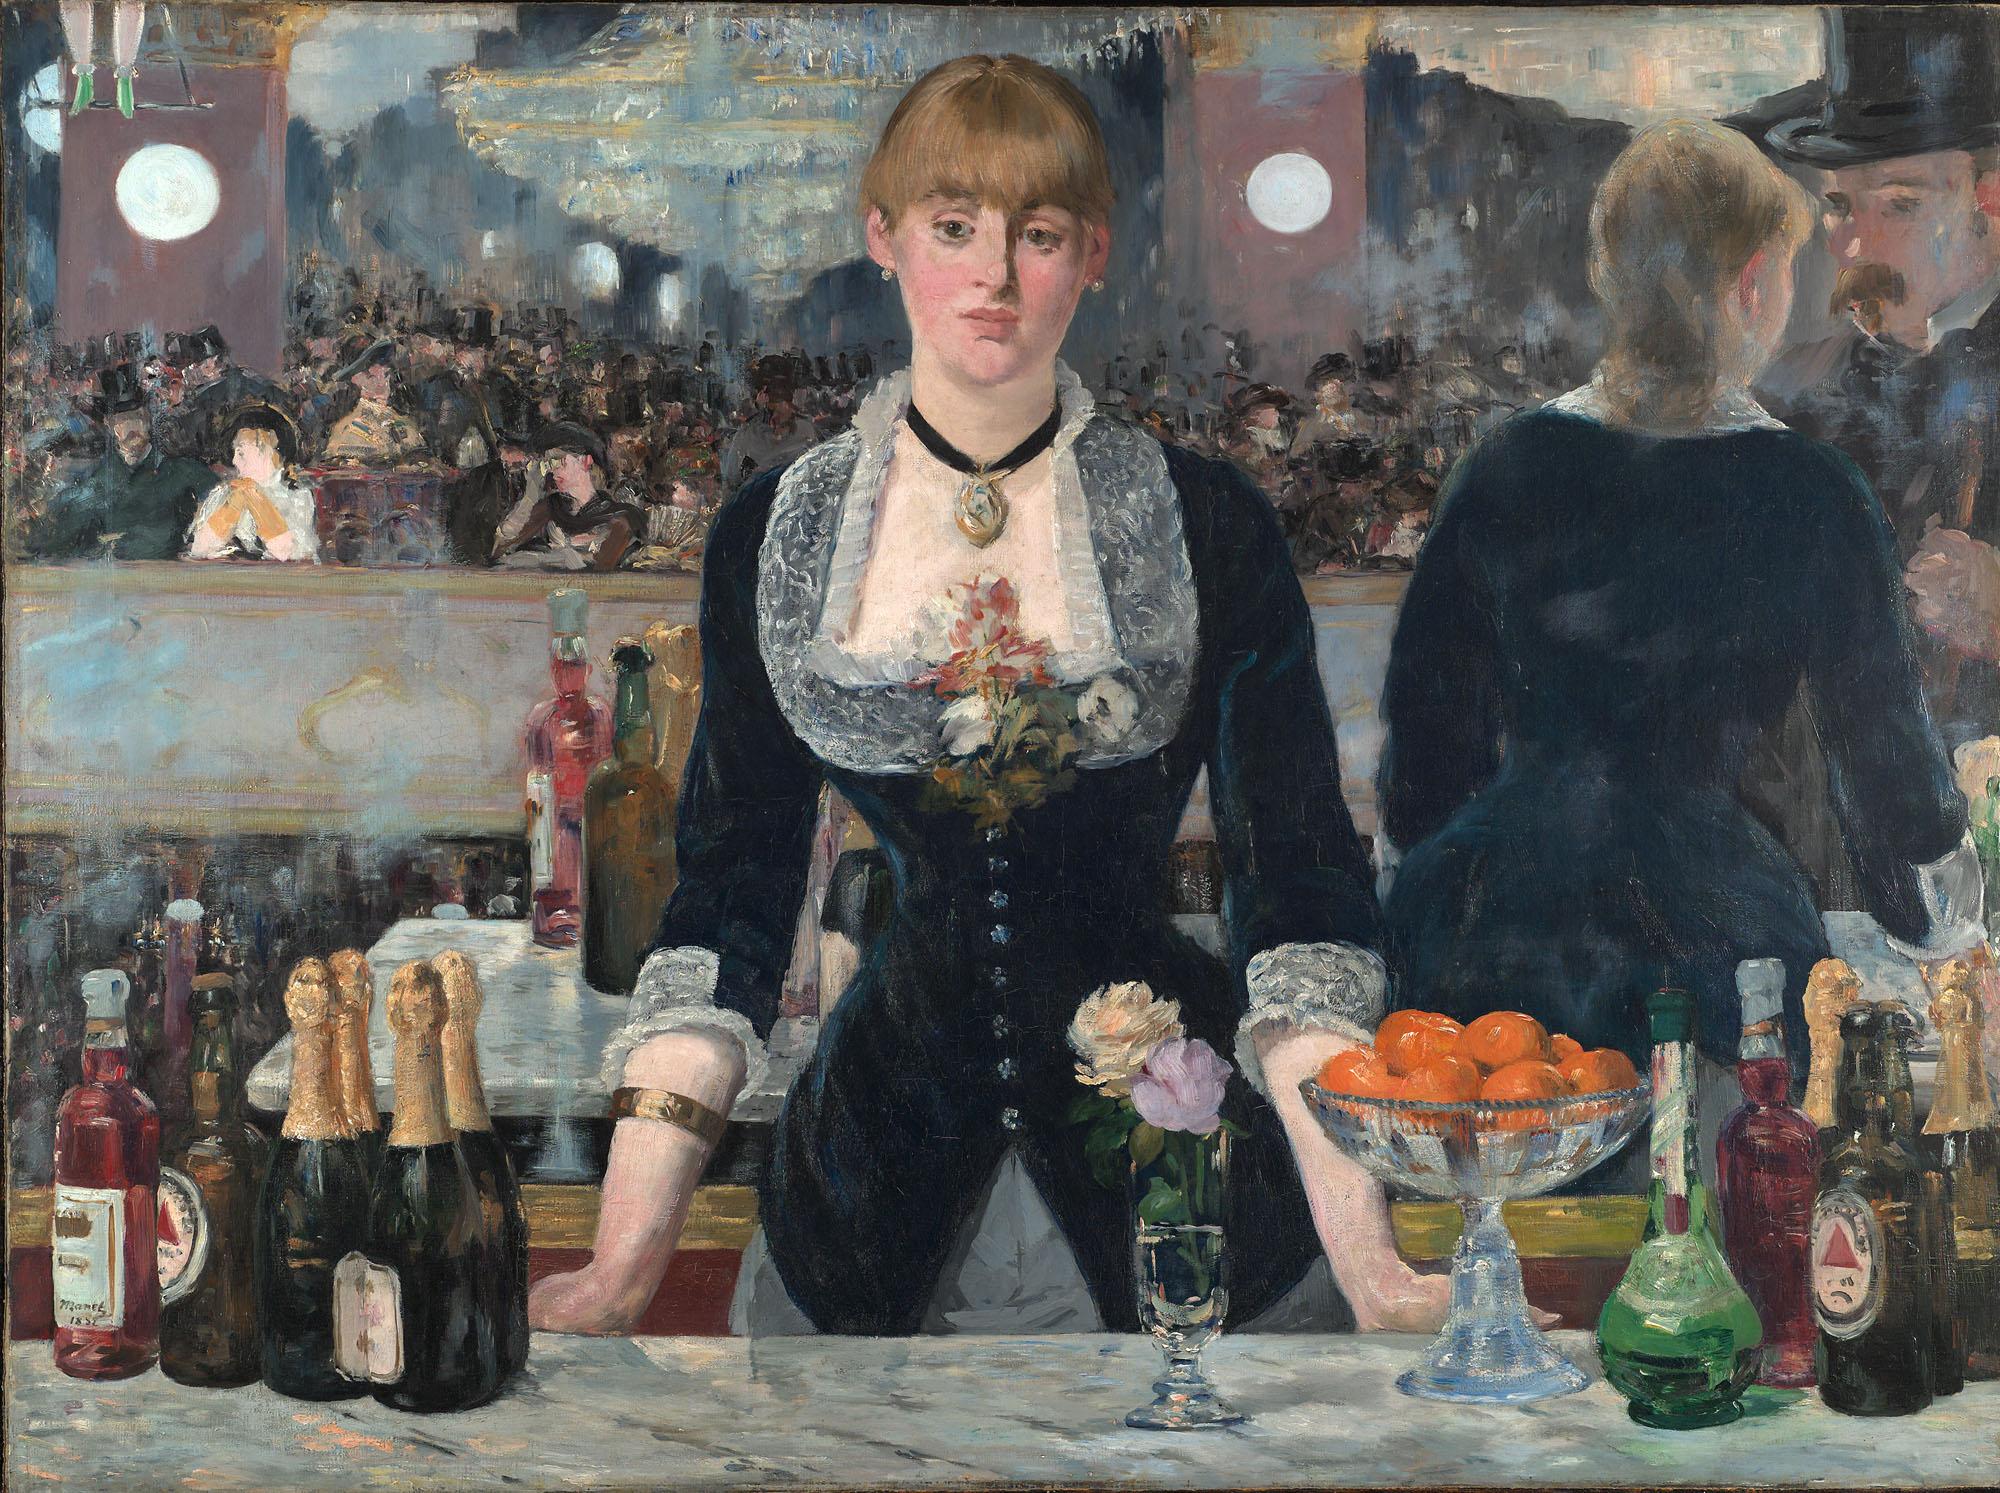 Figura 19 - Édouard Manet, Um bar no Folies-Bergère.